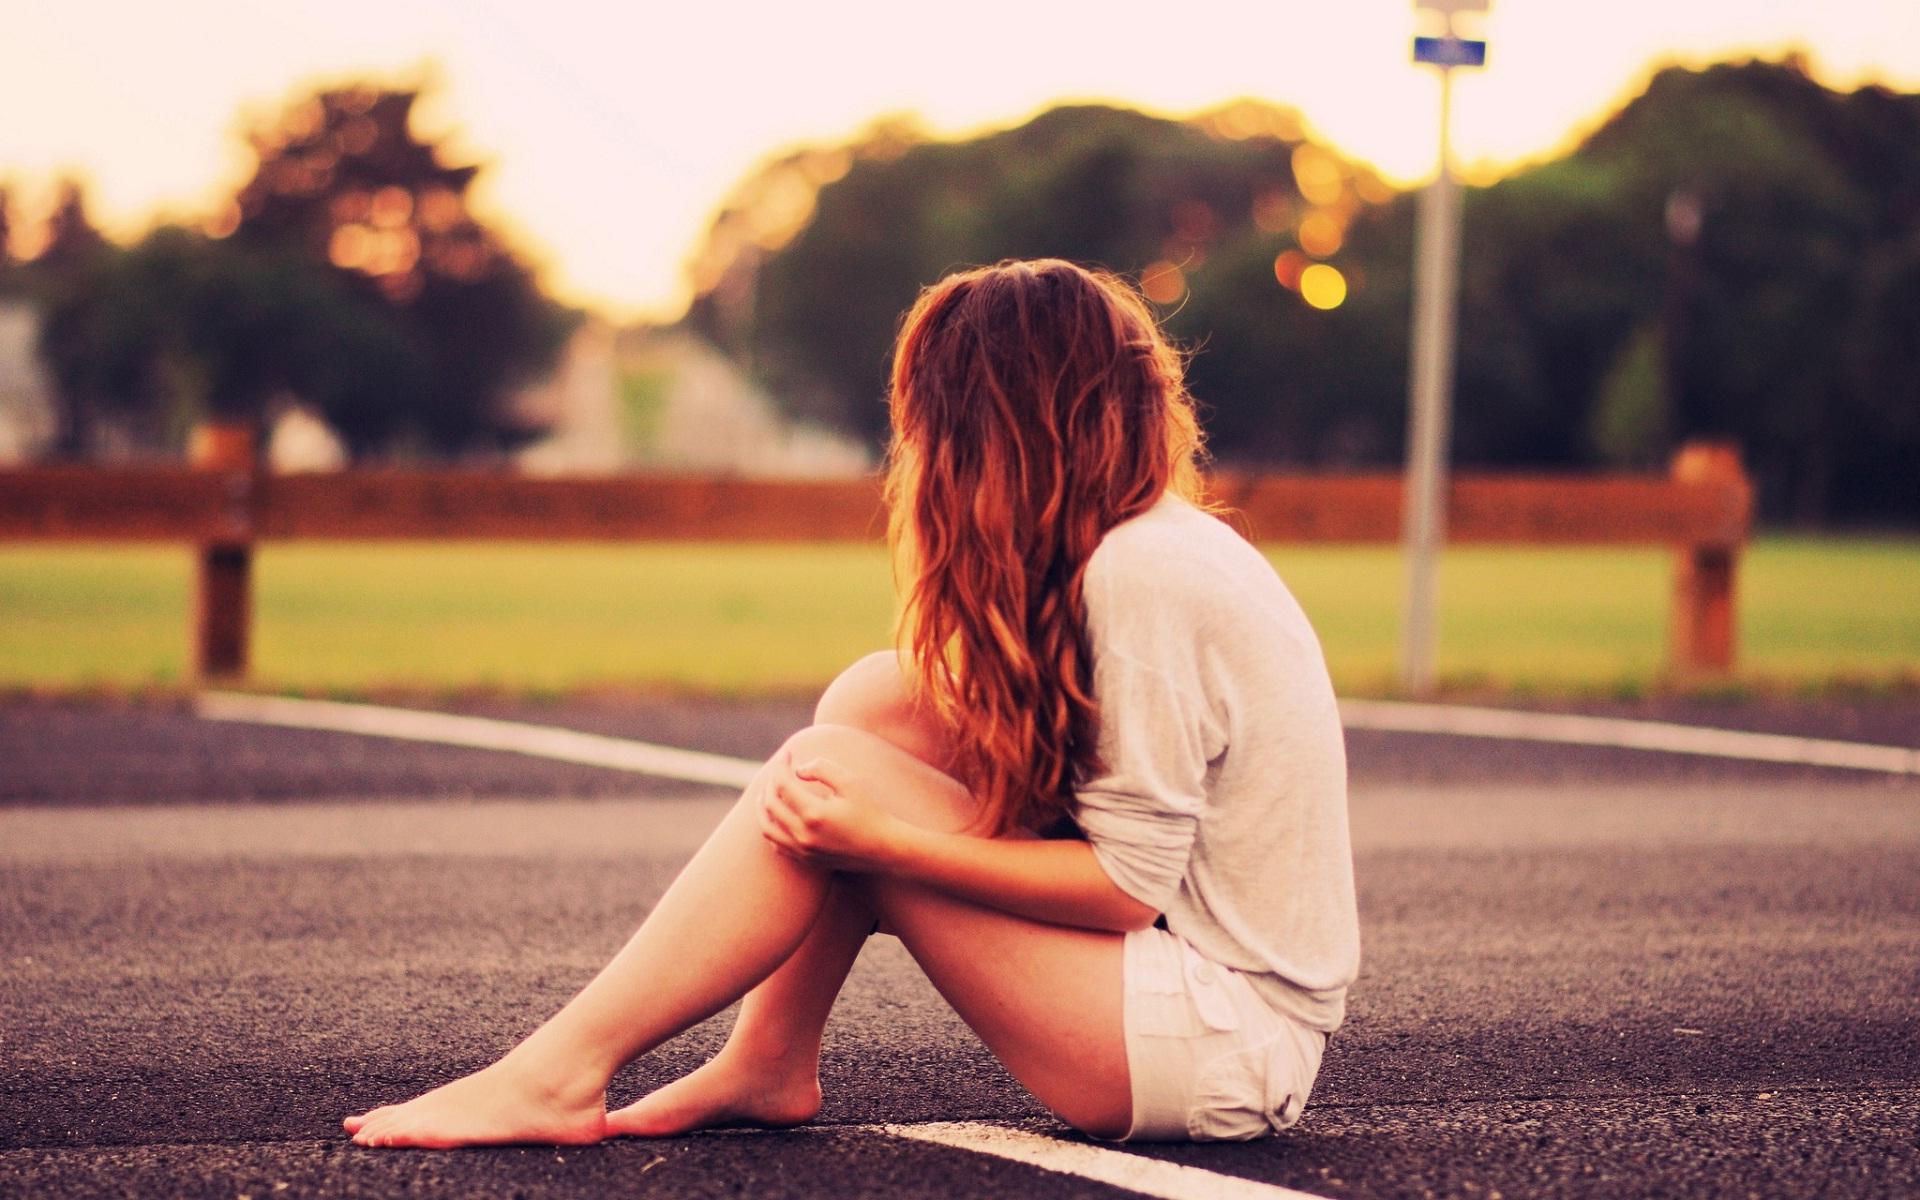 Kết quả hình ảnh cho alone girl